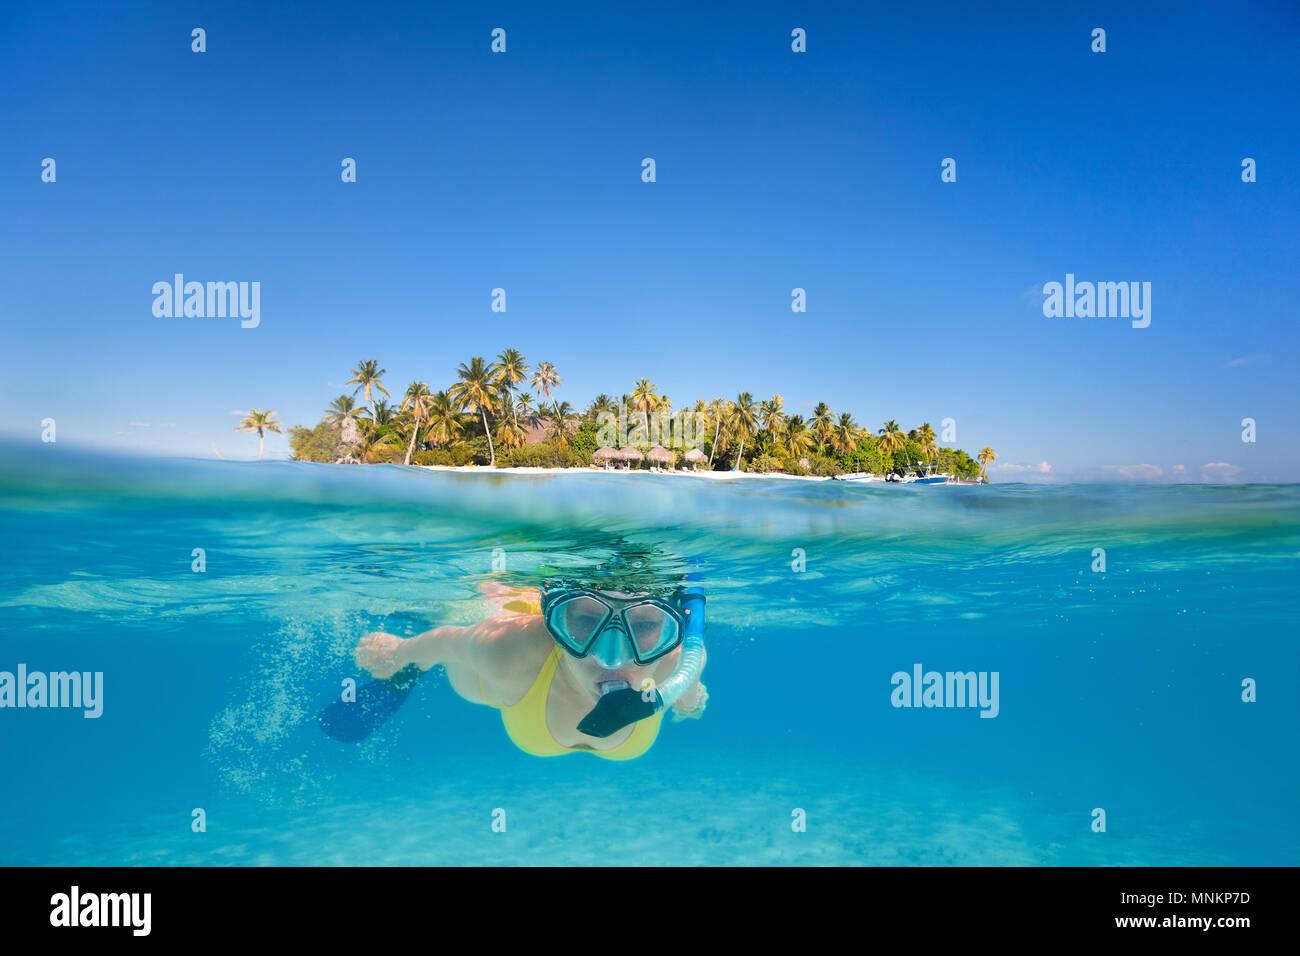 Mujer snorkeling en aguas claras tropicales delante de exótica isla Foto de stock